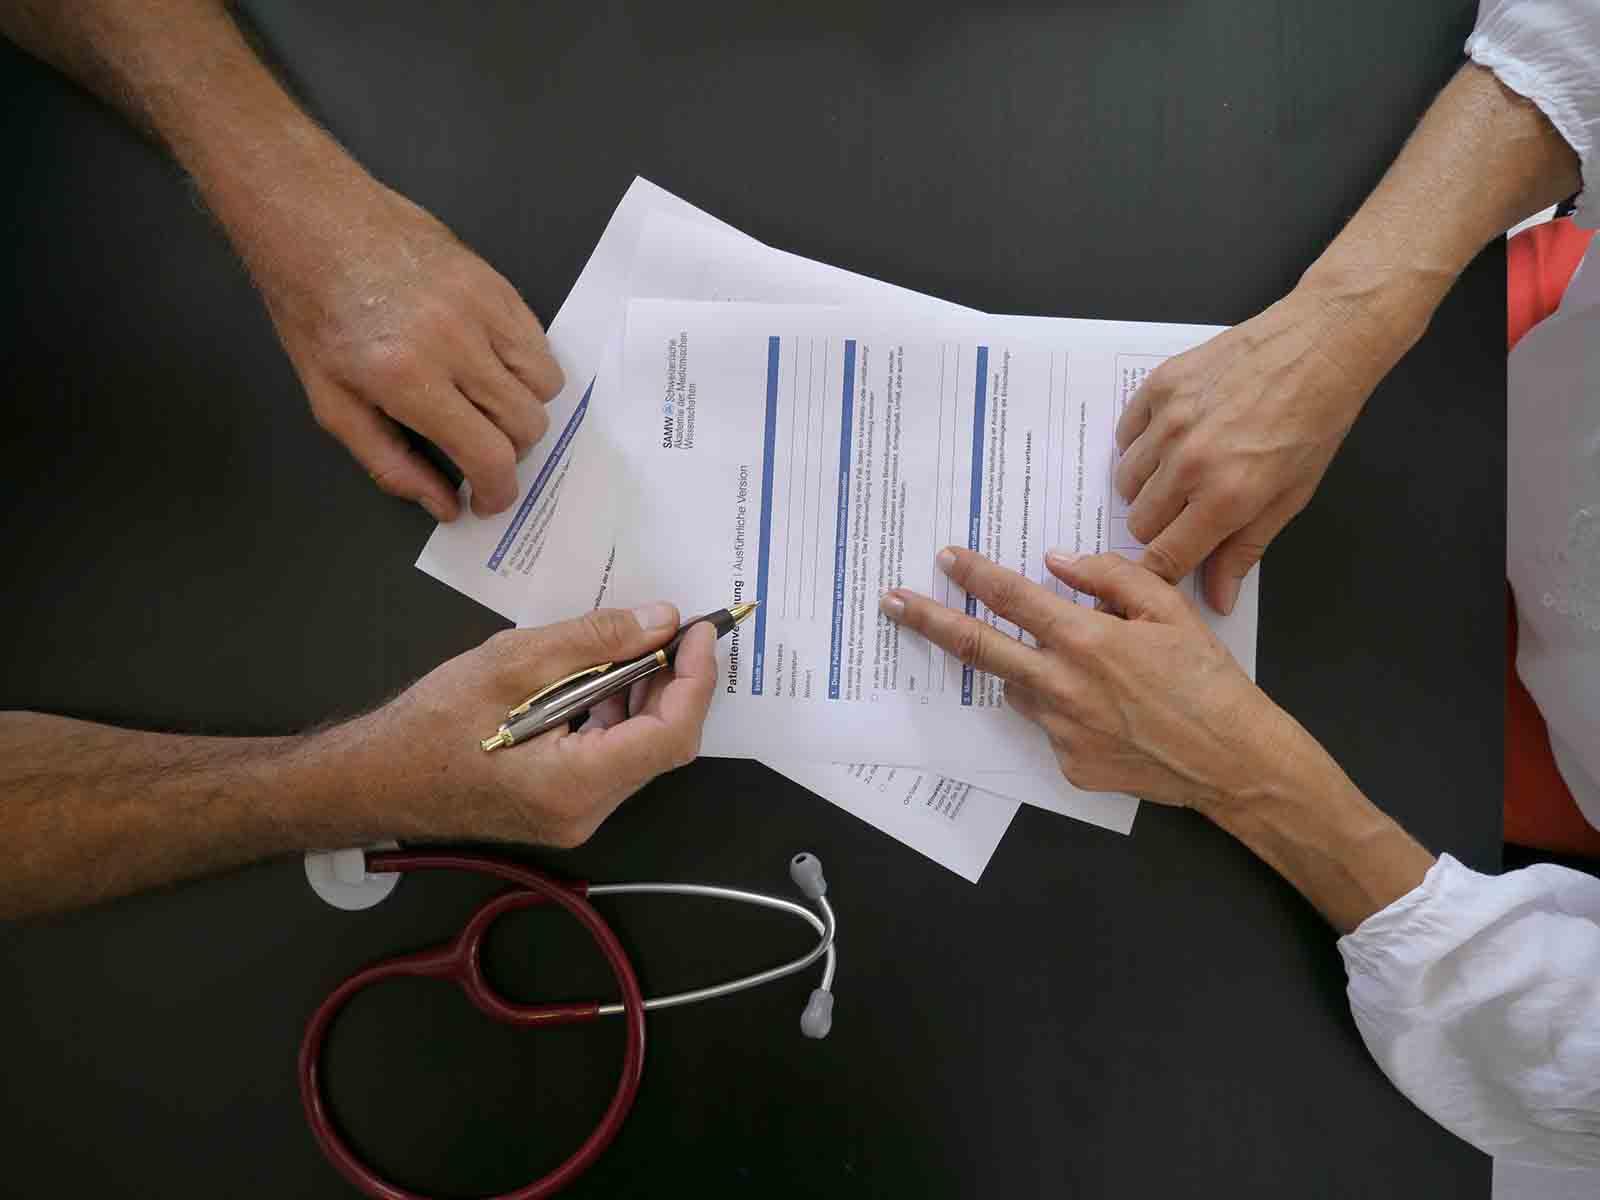 Die Patientenverfügung auch mit der Hausärztin oder dem Hausarzt zu besprechen, ist ratsam.